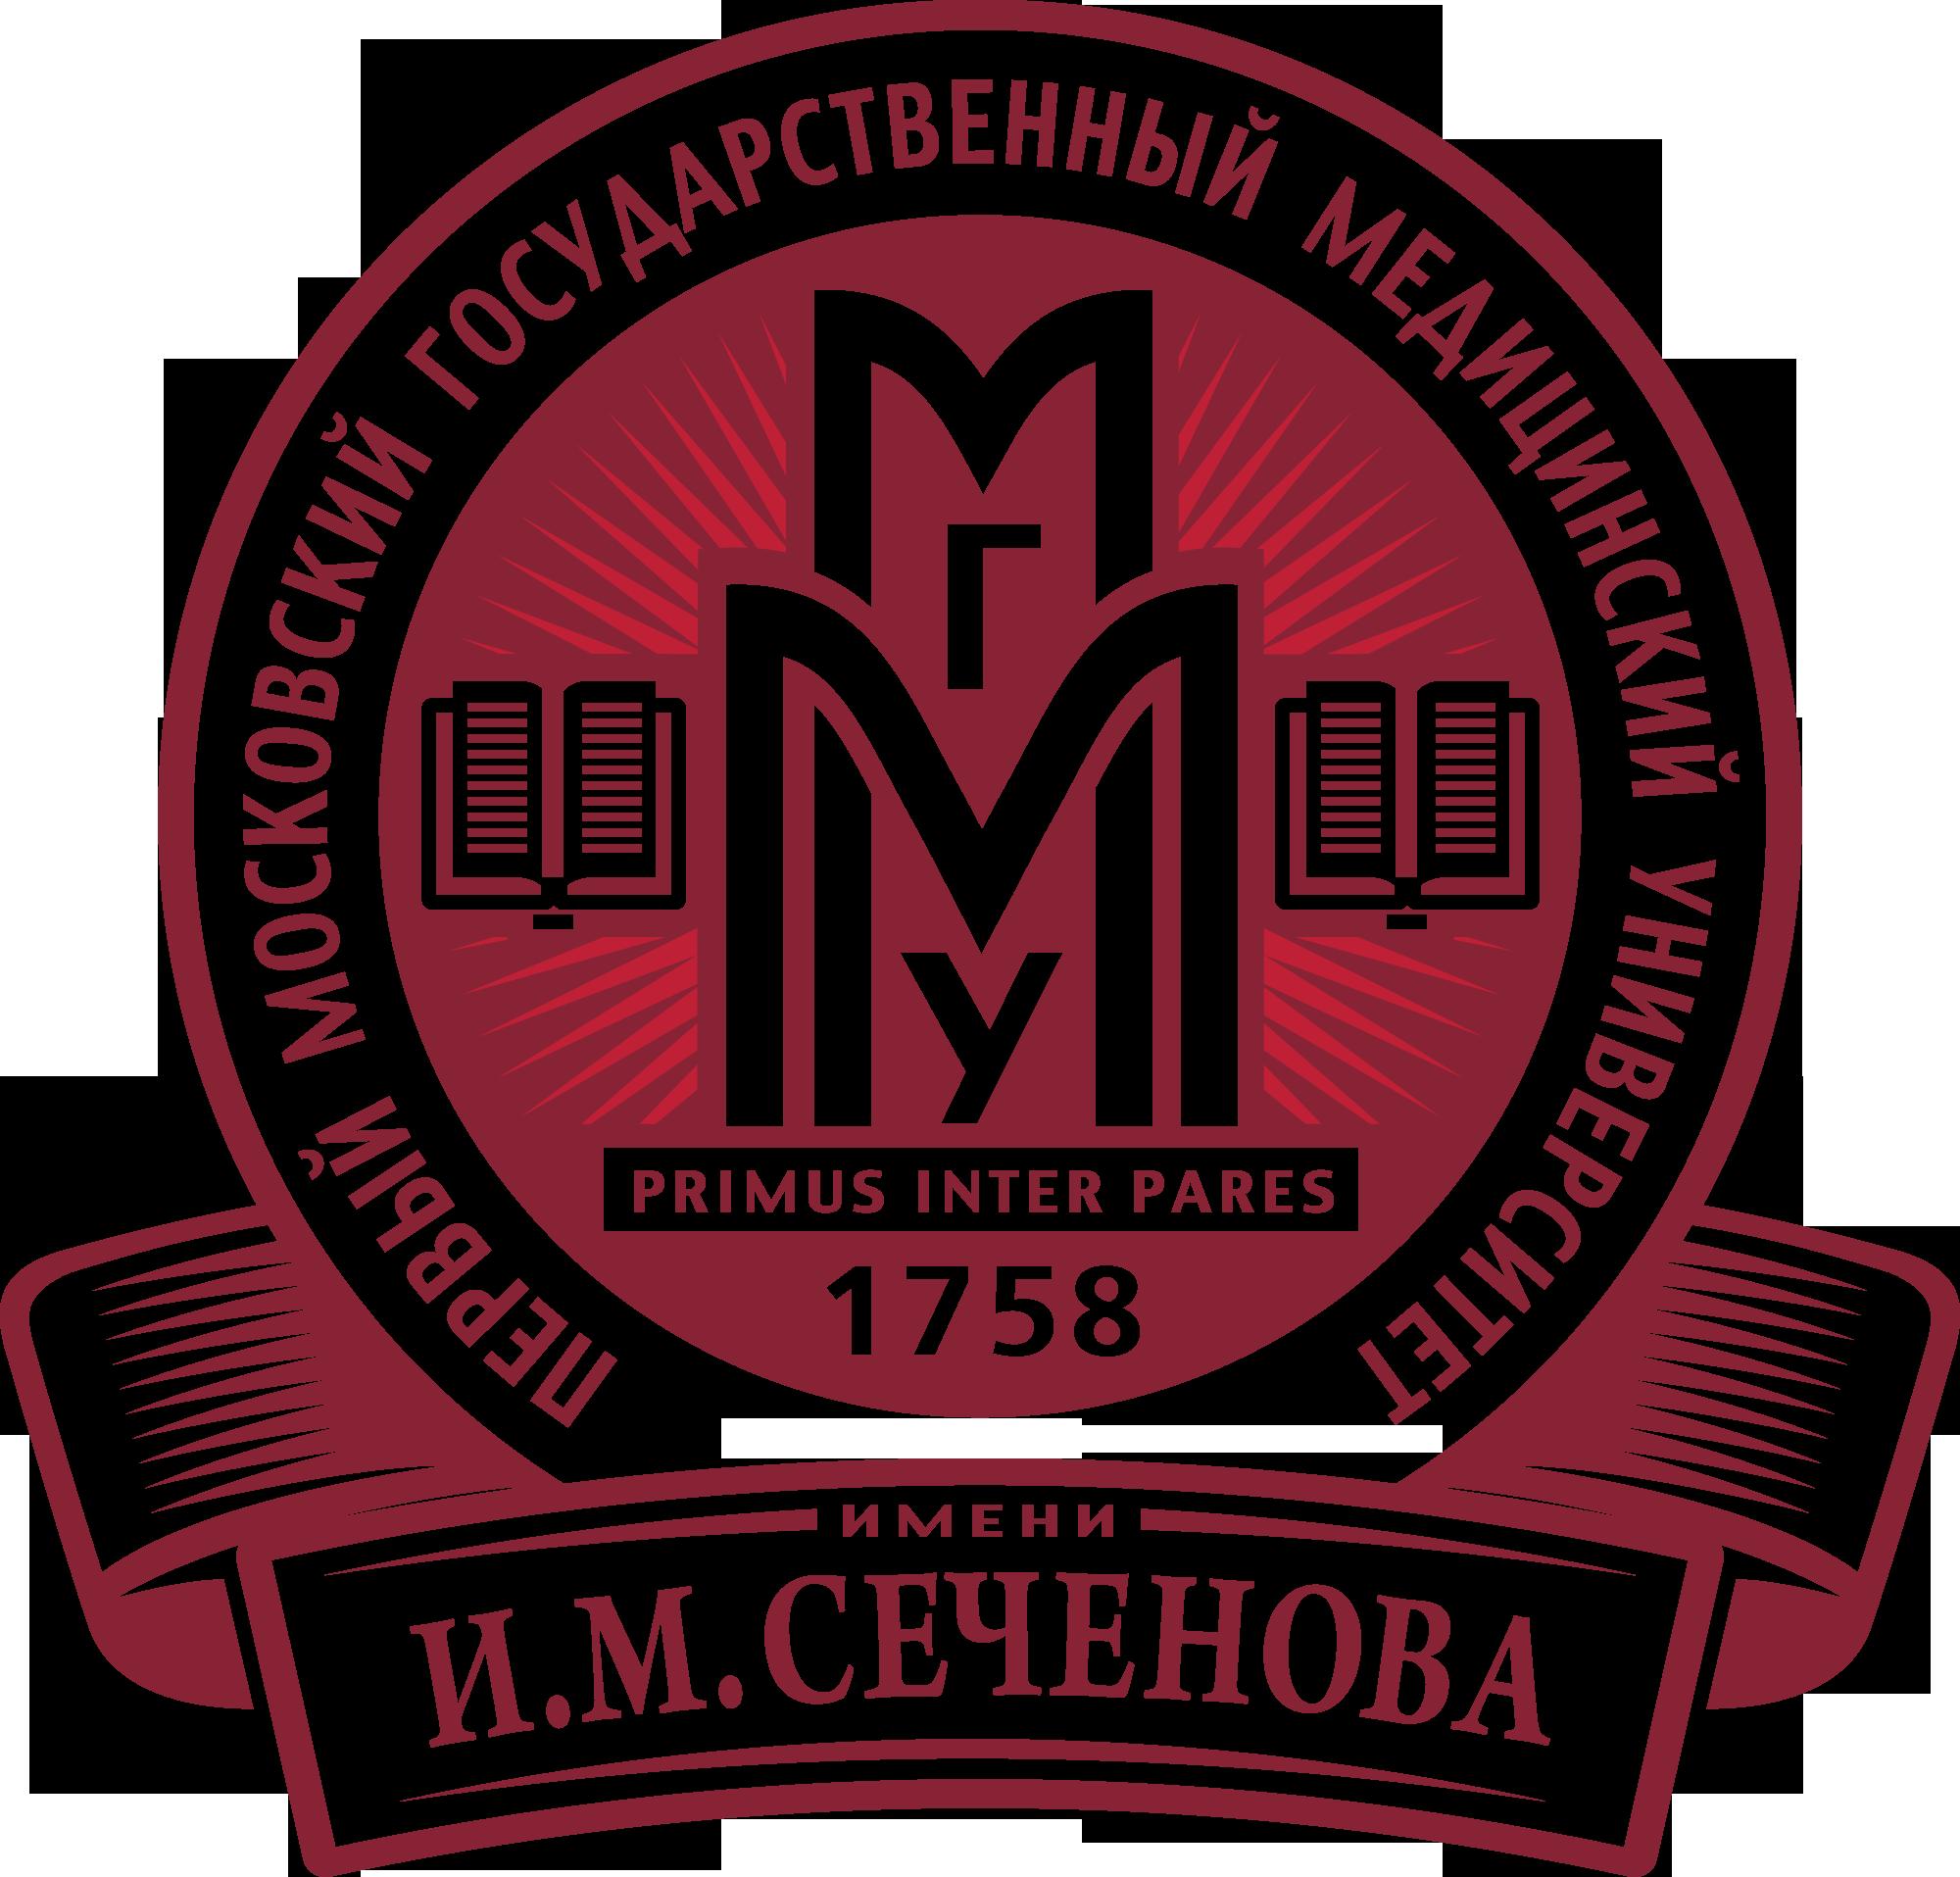 emblema_med_akademii_sechenova